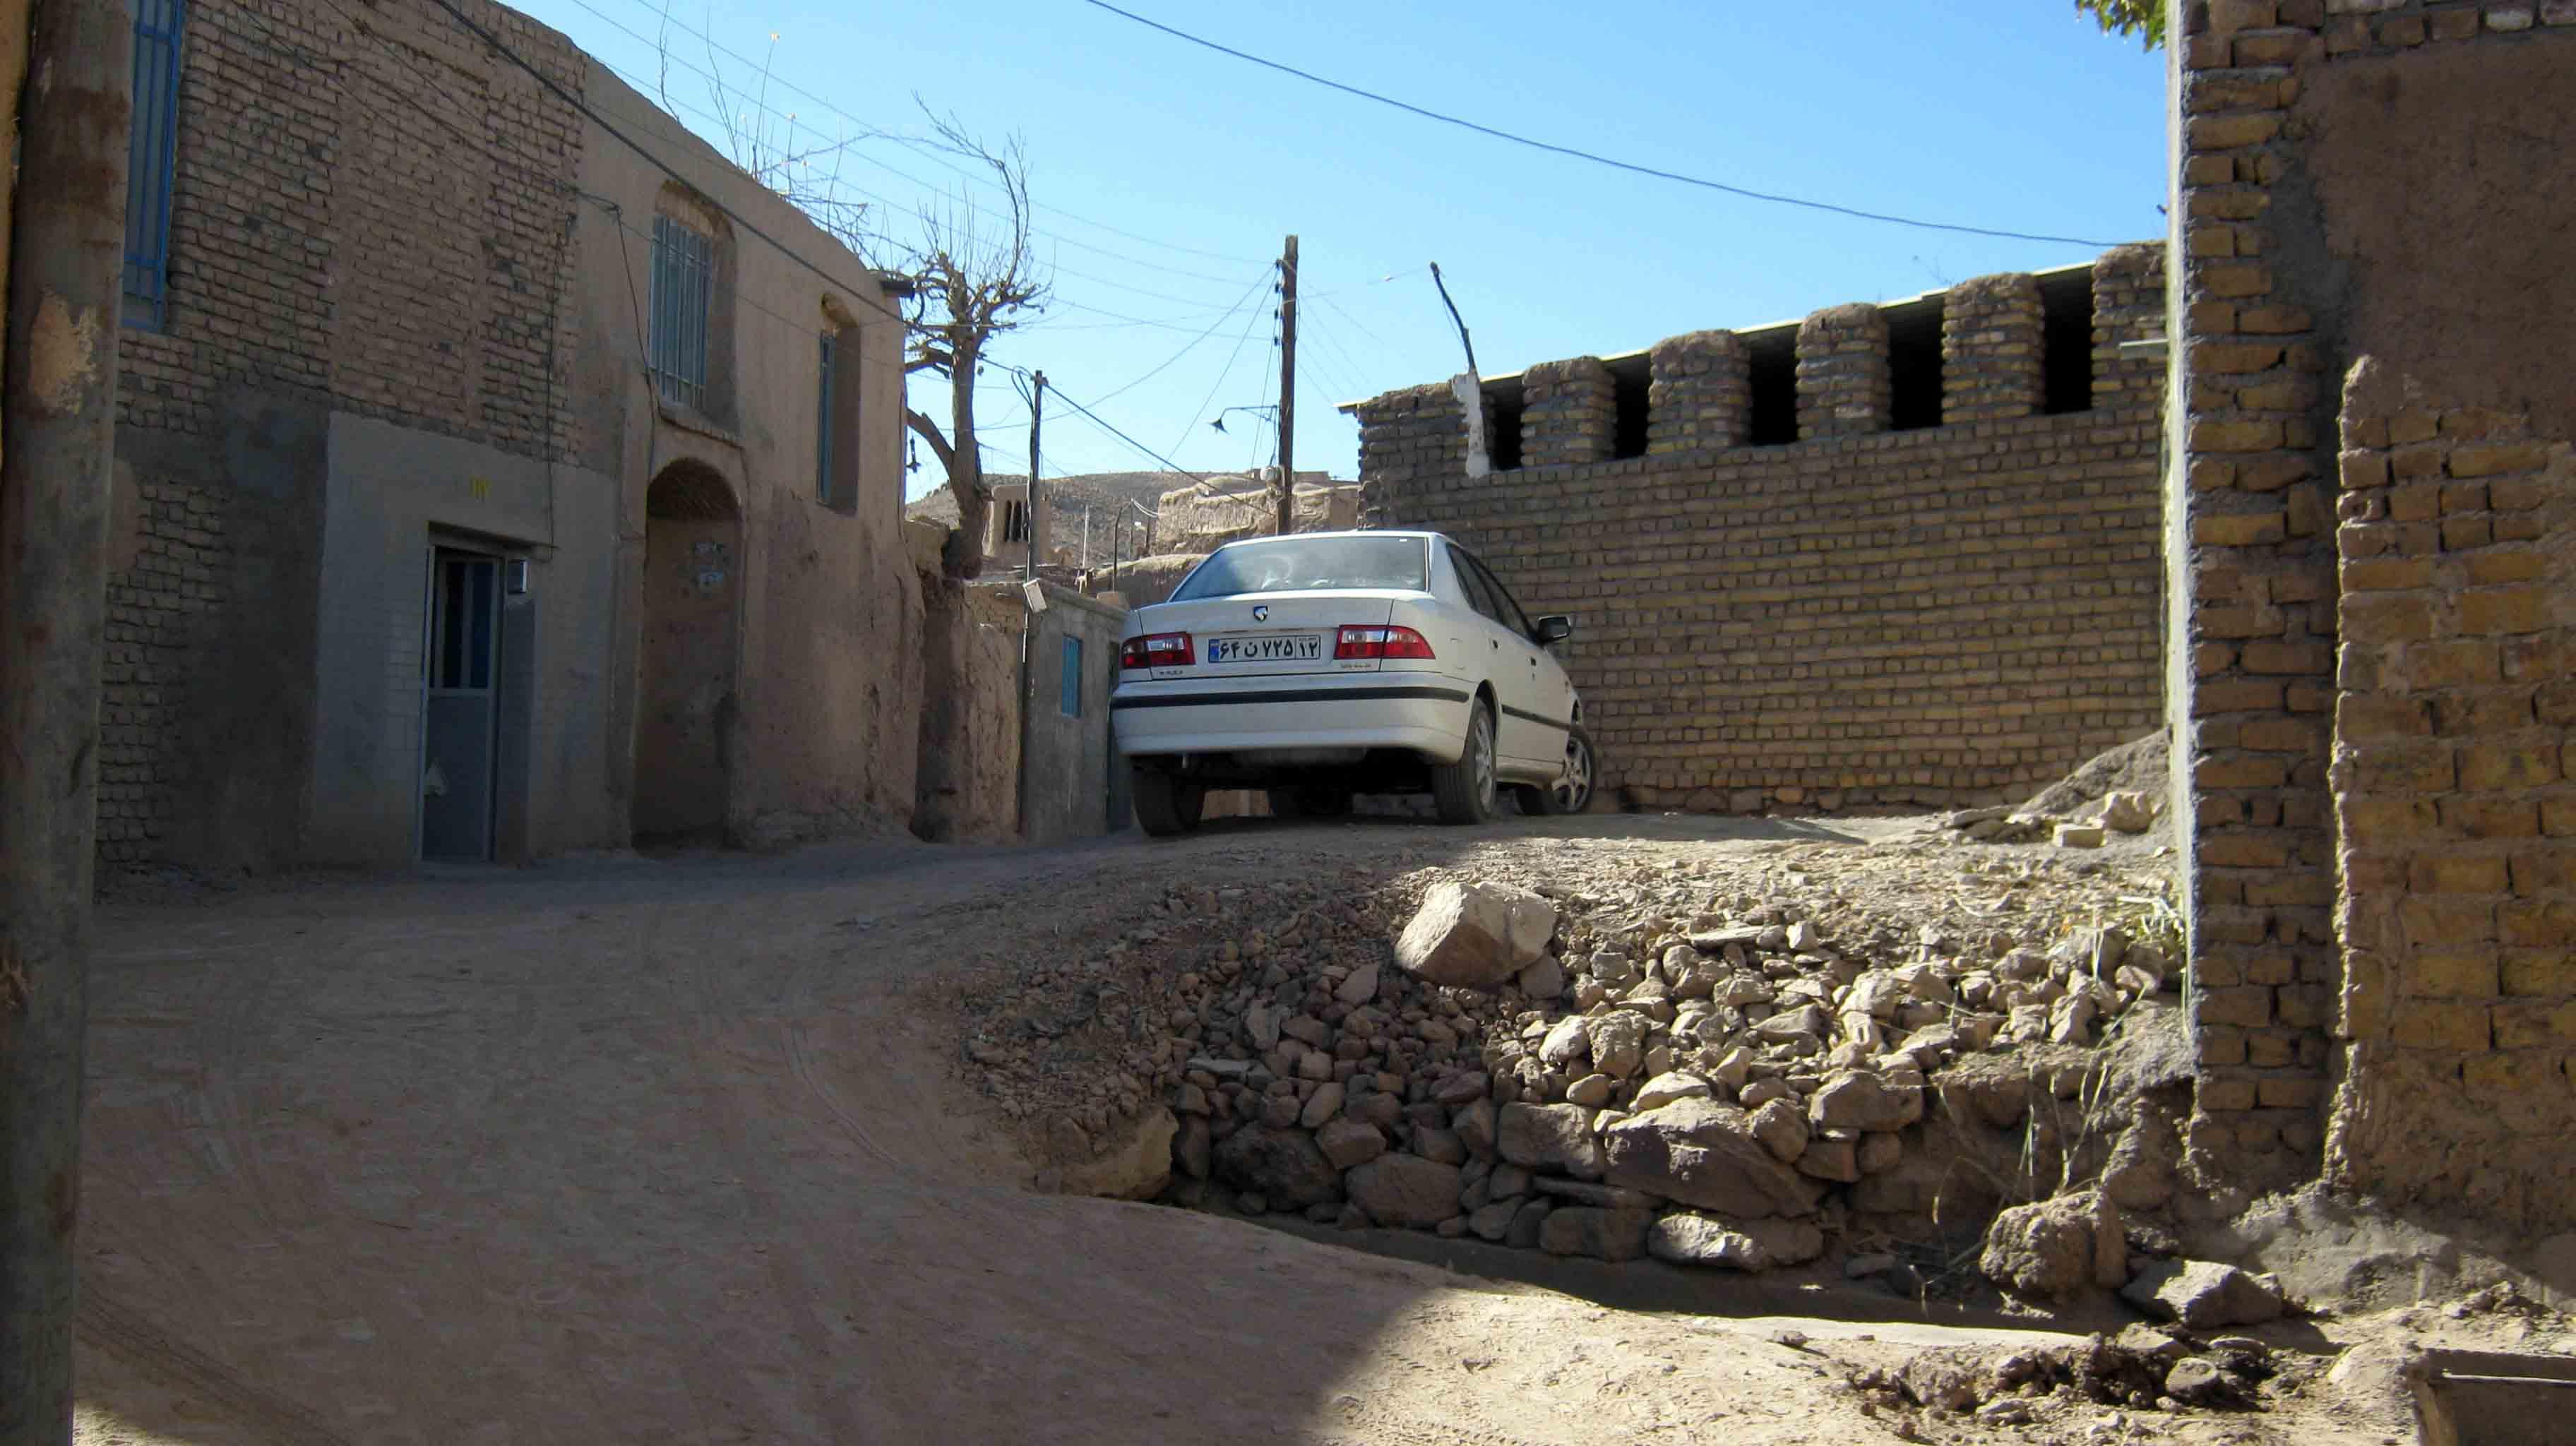 پارکینگ های داخل روستا